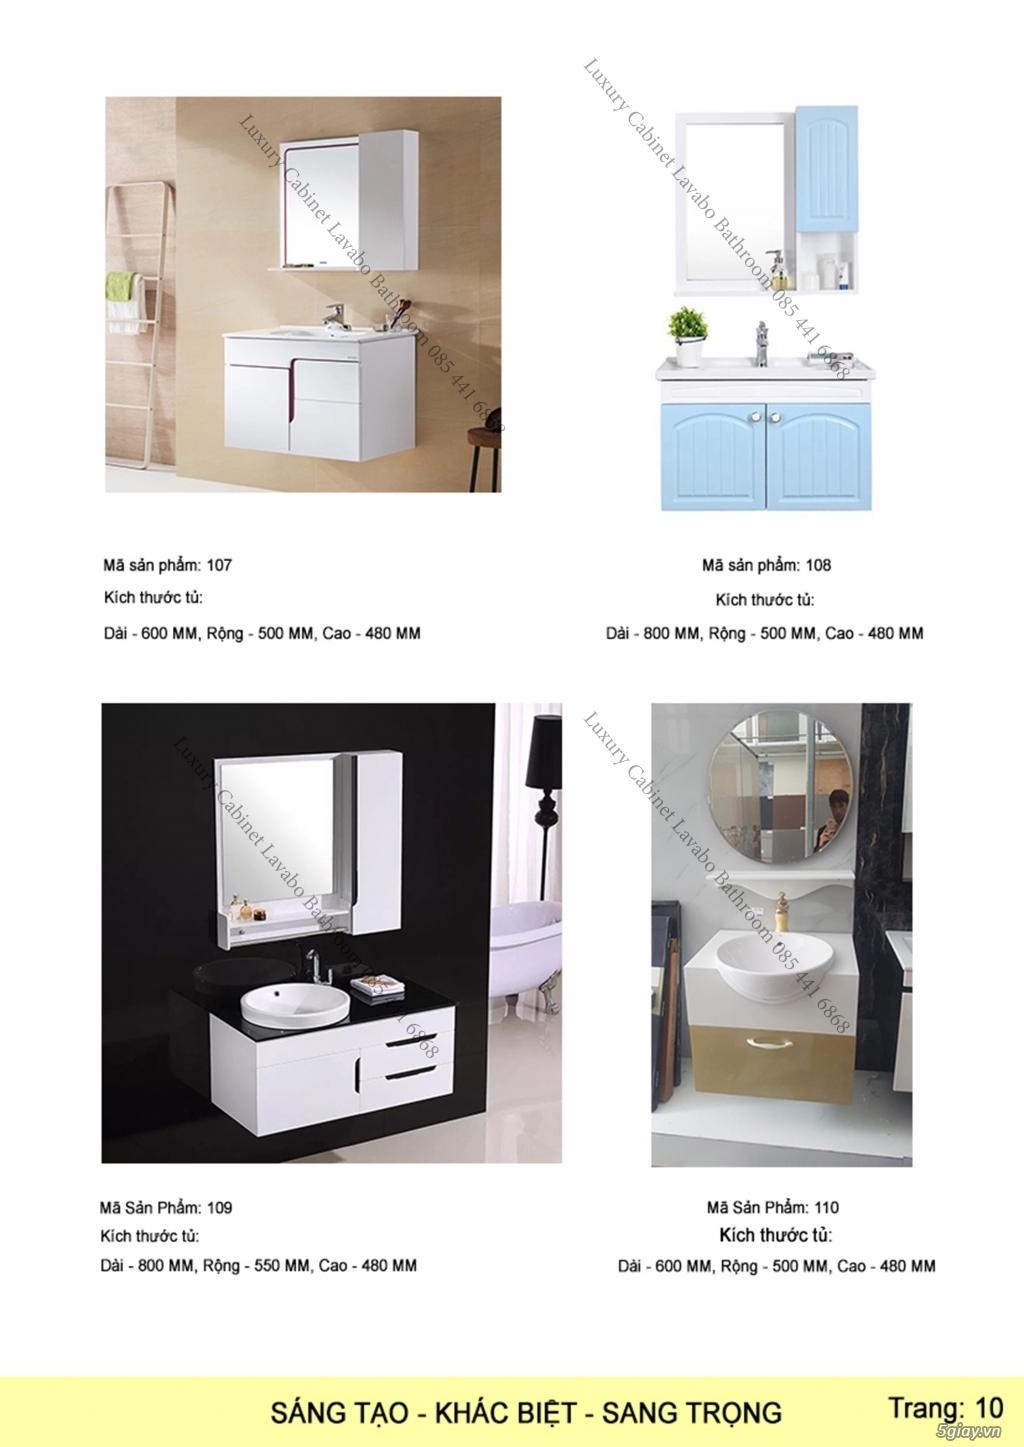 Bán tủ chậu lavabo tân cổ điển, hiện đại, tủ chậu mặt đá phòng tắm - 11